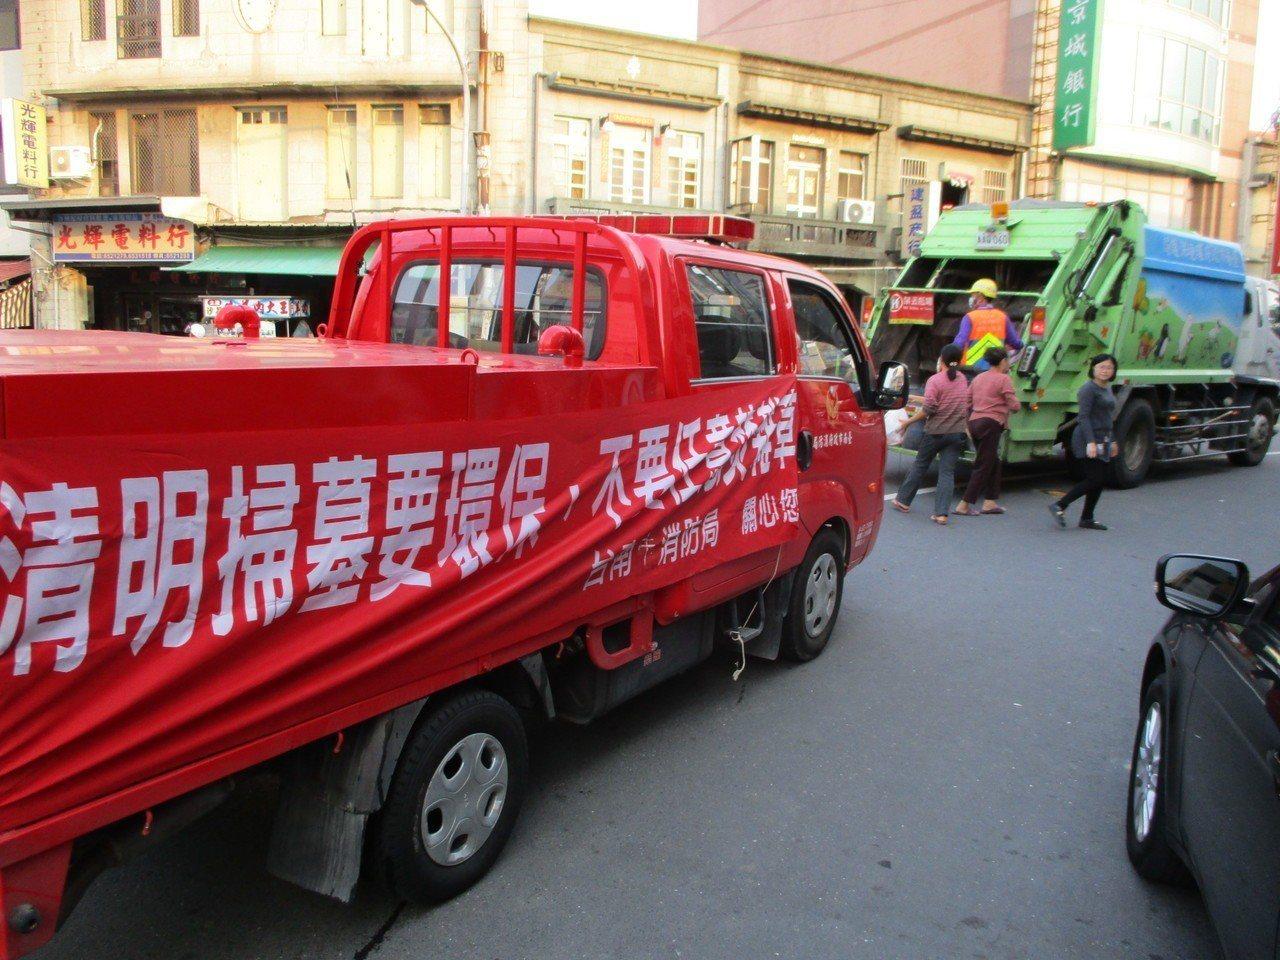 台南市消防局第一大隊派出宣傳車跟著垃圾車跑,宣導清明掃墓要小心引起山林火警。圖/...